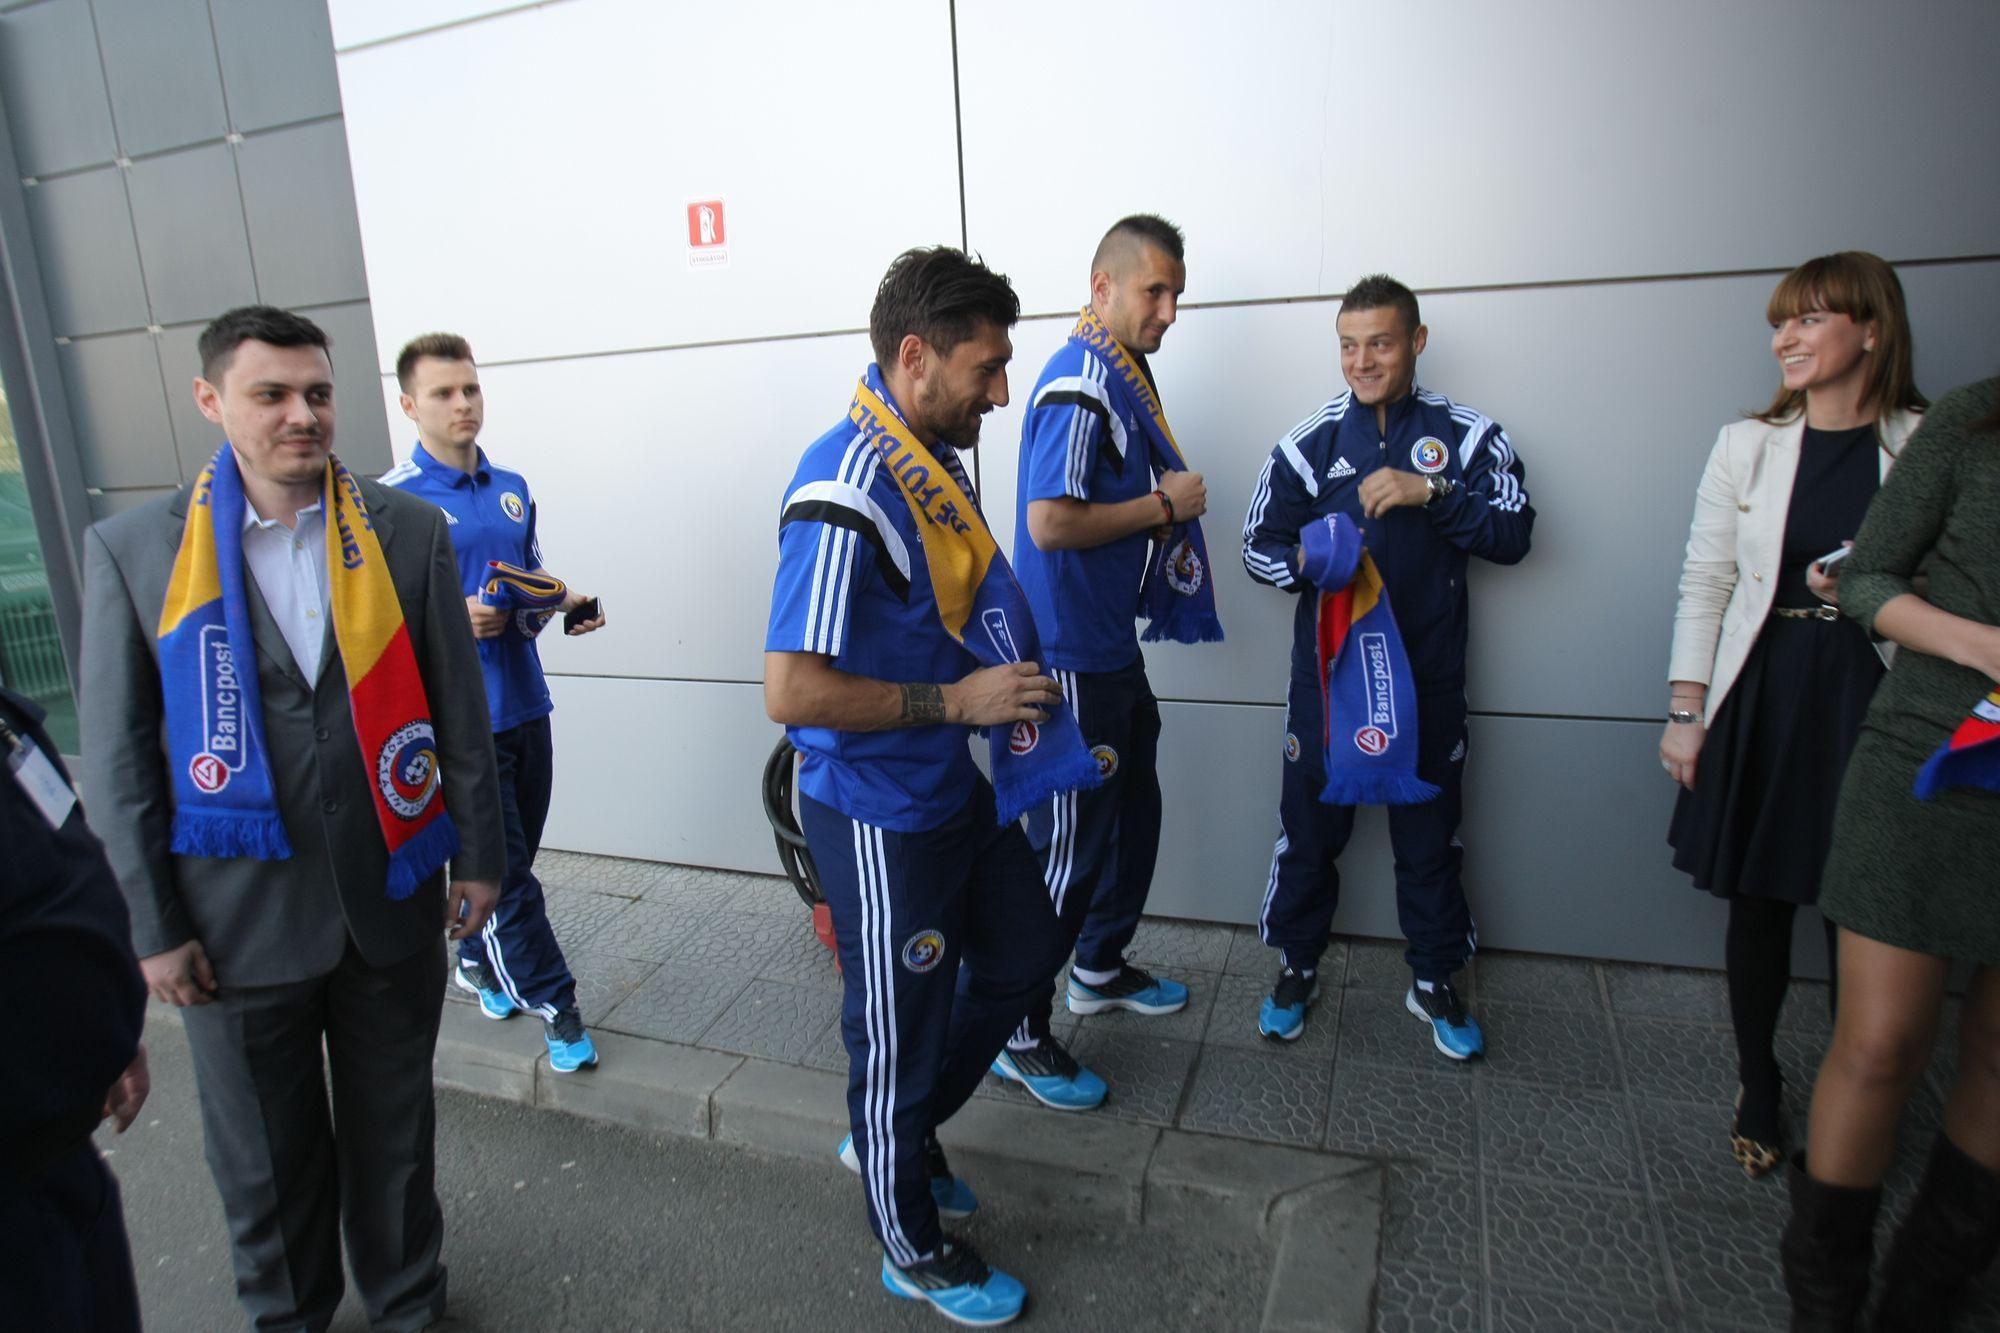 ROMÂNIA – FEROE, DUMINICĂ, ORA 19:00, TVR 1 / Tricolorii au făcut pe bancherii la sediul noului sponsor. Repriză de autografe și fotografii / GALERIE FOTO